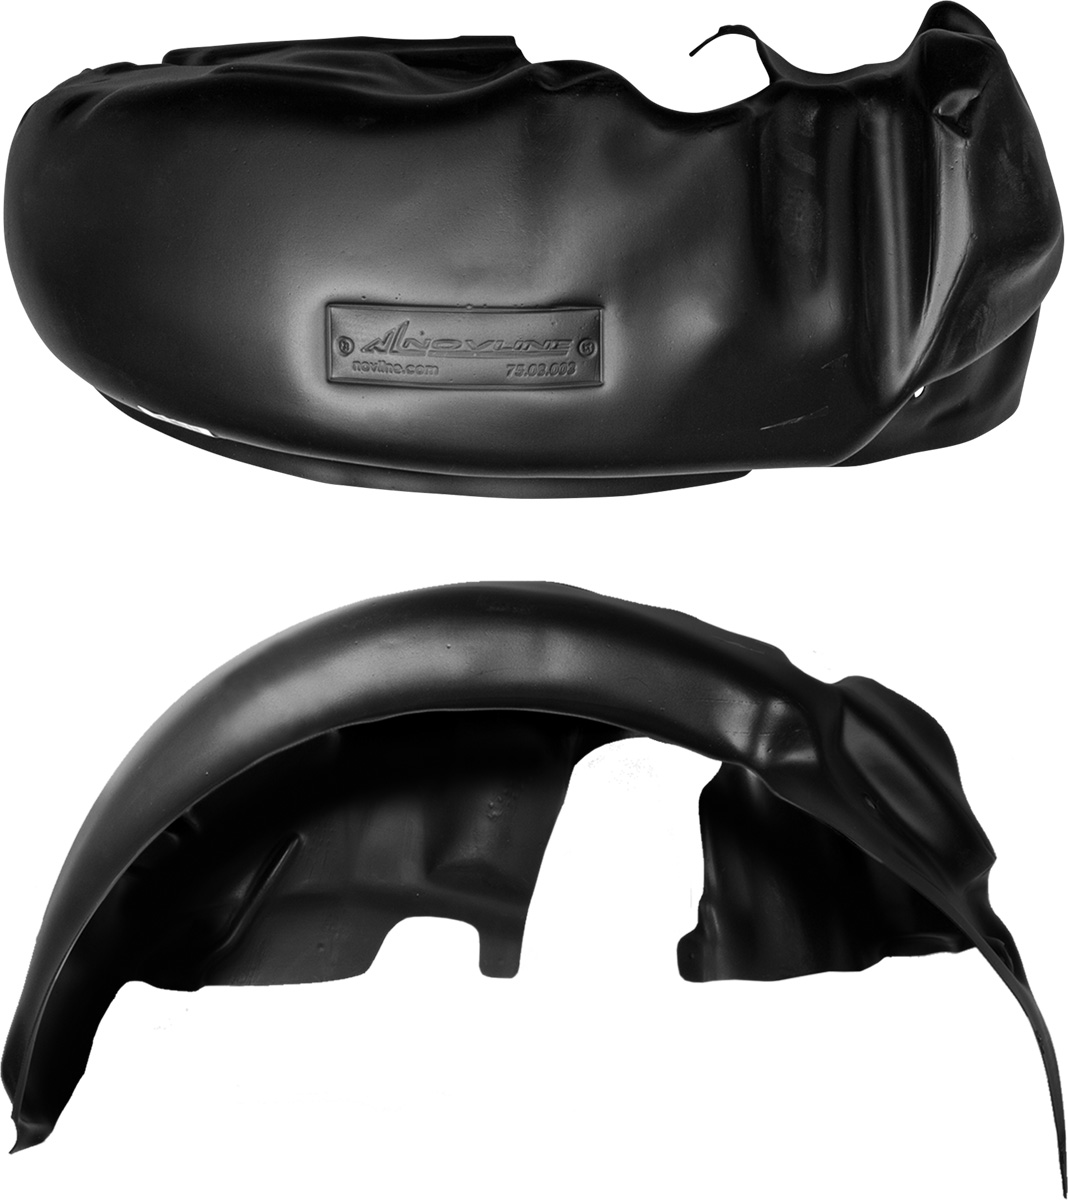 Подкрылок RENAULT Duster 4x4, 2011-2015, задний левыйNLL.36.39.004Колесные ниши – одни из самых уязвимых зон днища вашего автомобиля. Они постоянно подвергаются воздействию со стороны дороги. Лучшая, почти абсолютная защита для них - специально отформованные пластиковые кожухи, которые называются подкрылками, или локерами. Производятся они как для отечественных моделей автомобилей, так и для иномарок. Подкрылки выполнены из высококачественного, экологически чистого пластика. Обеспечивают надежную защиту кузова автомобиля от пескоструйного эффекта и негативного влияния, агрессивных антигололедных реагентов. Пластик обладает более низкой теплопроводностью, чем металл, поэтому в зимний период эксплуатации использование пластиковых подкрылков позволяет лучше защитить колесные ниши от налипания снега и образования наледи. Оригинальность конструкции подчеркивает элегантность автомобиля, бережно защищает нанесенное на днище кузова антикоррозийное покрытие и позволяет осуществить крепление подкрылков внутри колесной арки практически без дополнительного крепежа и сверления, не нарушая при этом лакокрасочного покрытия, что предотвращает возникновение новых очагов коррозии. Технология крепления подкрылков на иномарки принципиально отличается от крепления на российские автомобили и разрабатывается индивидуально для каждой модели автомобиля. Подкрылки долговечны, обладают высокой прочностью и сохраняют заданную форму, а также все свои физико-механические характеристики в самых тяжелых климатических условиях ( от -50° С до + 50° С).